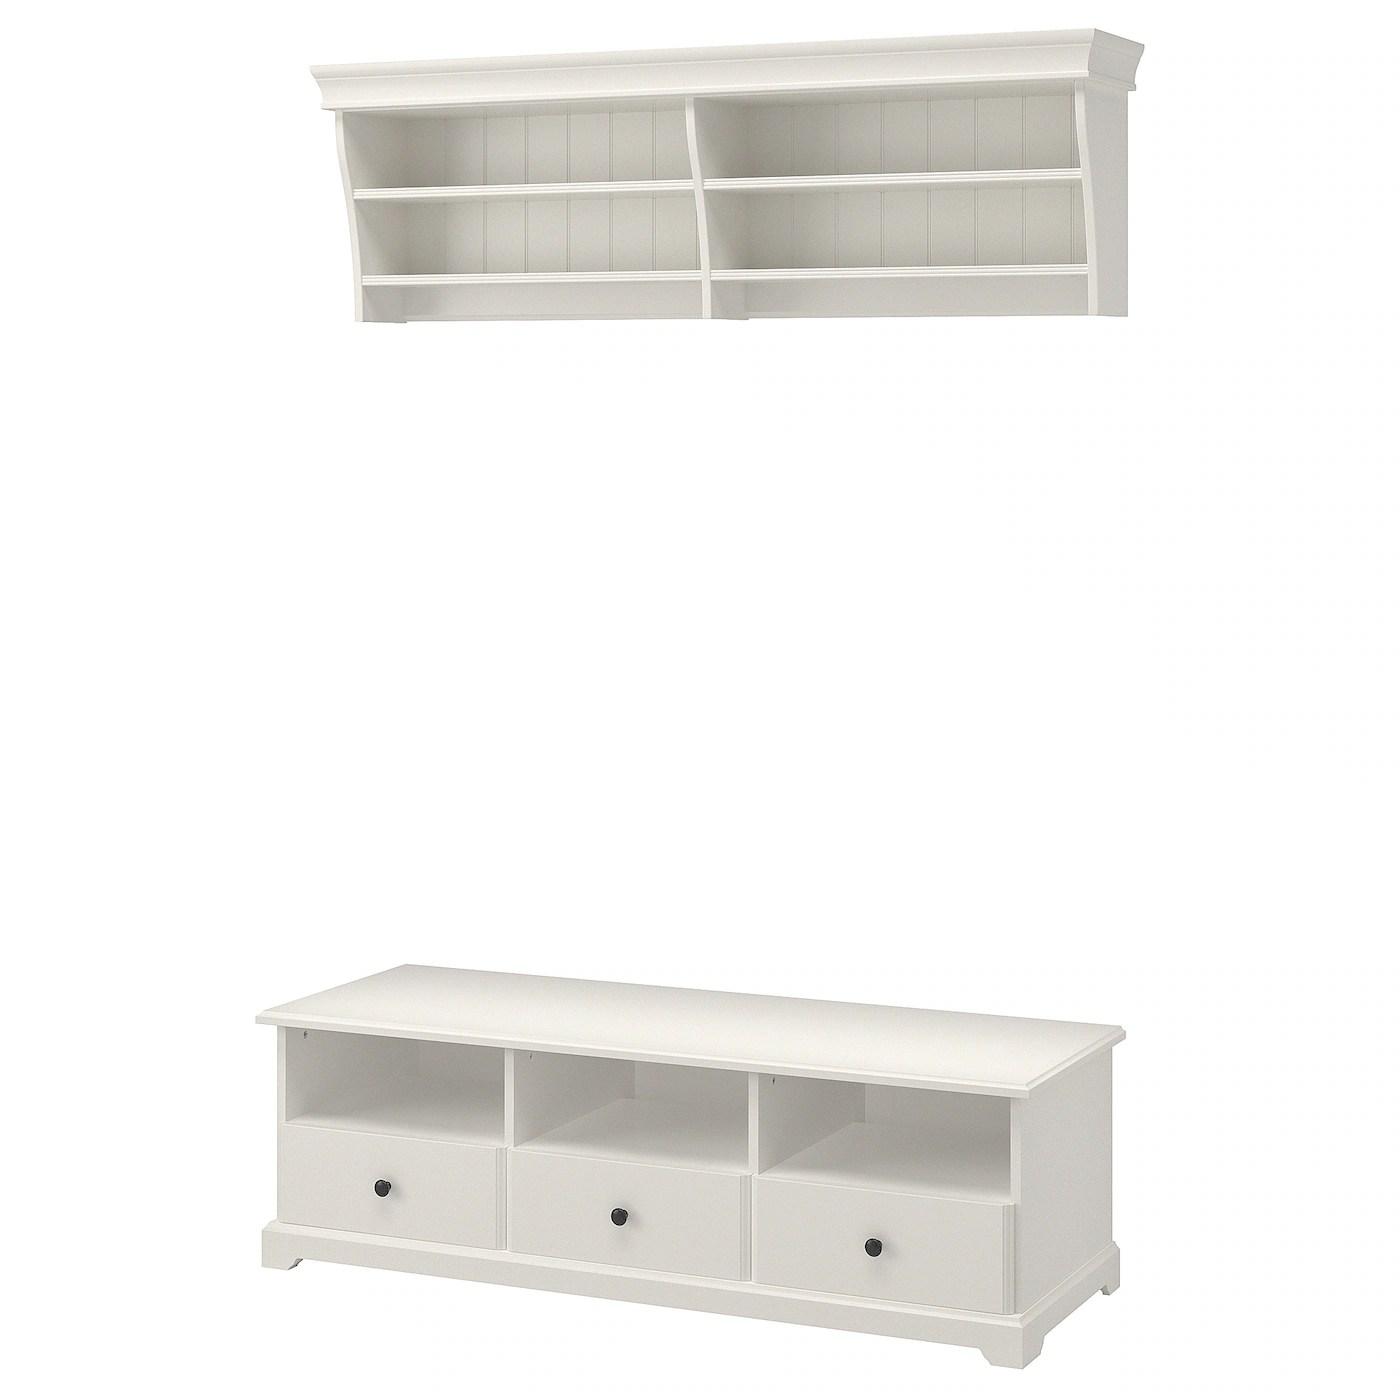 liatorp combinaison meuble tv blanc 145x49 cm